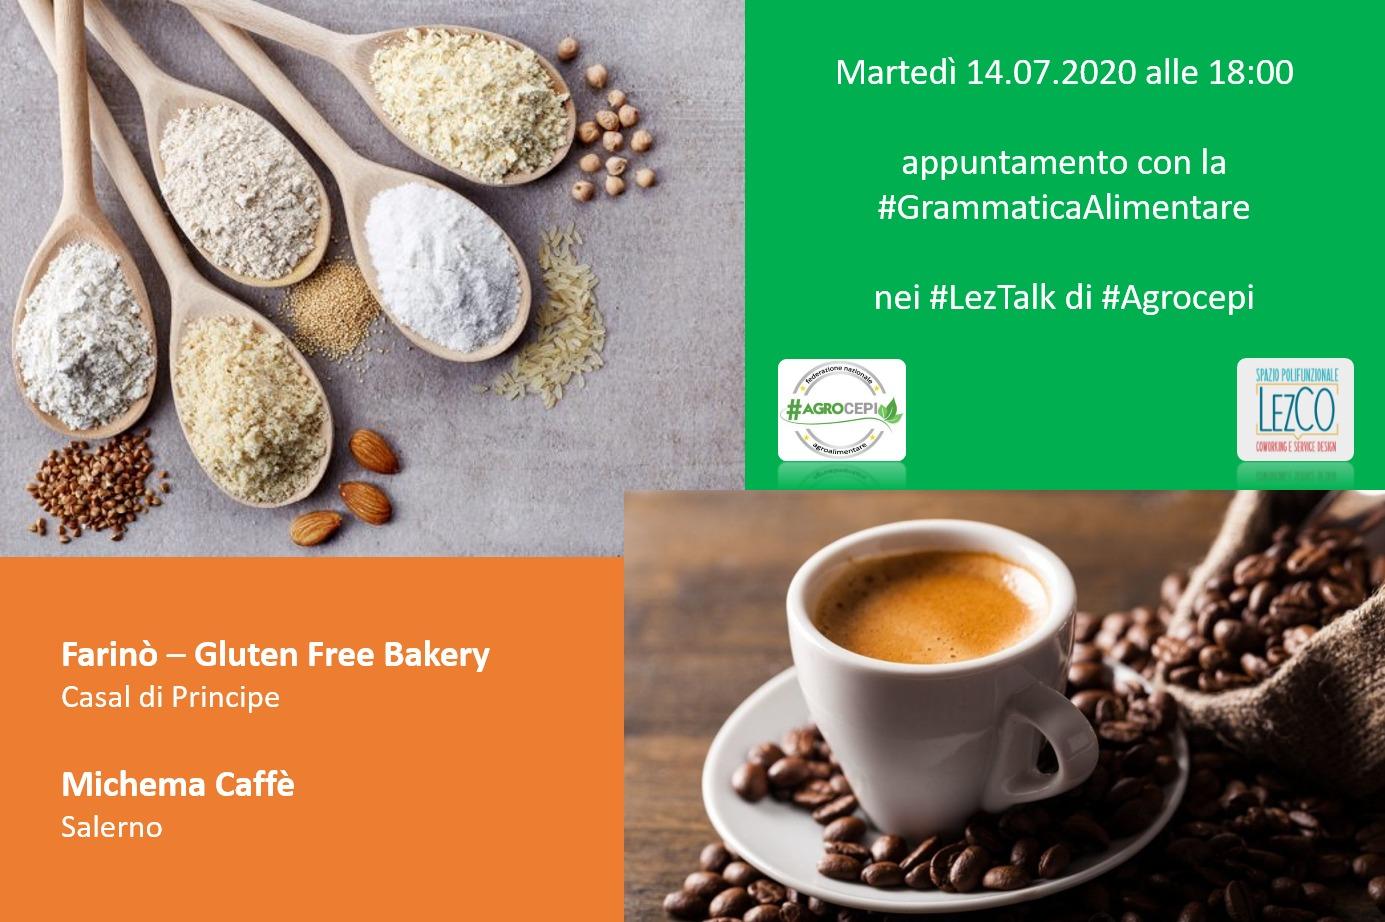 Grammatica alimentare Agrocepi: spazio a Farinò e Michema Caffè